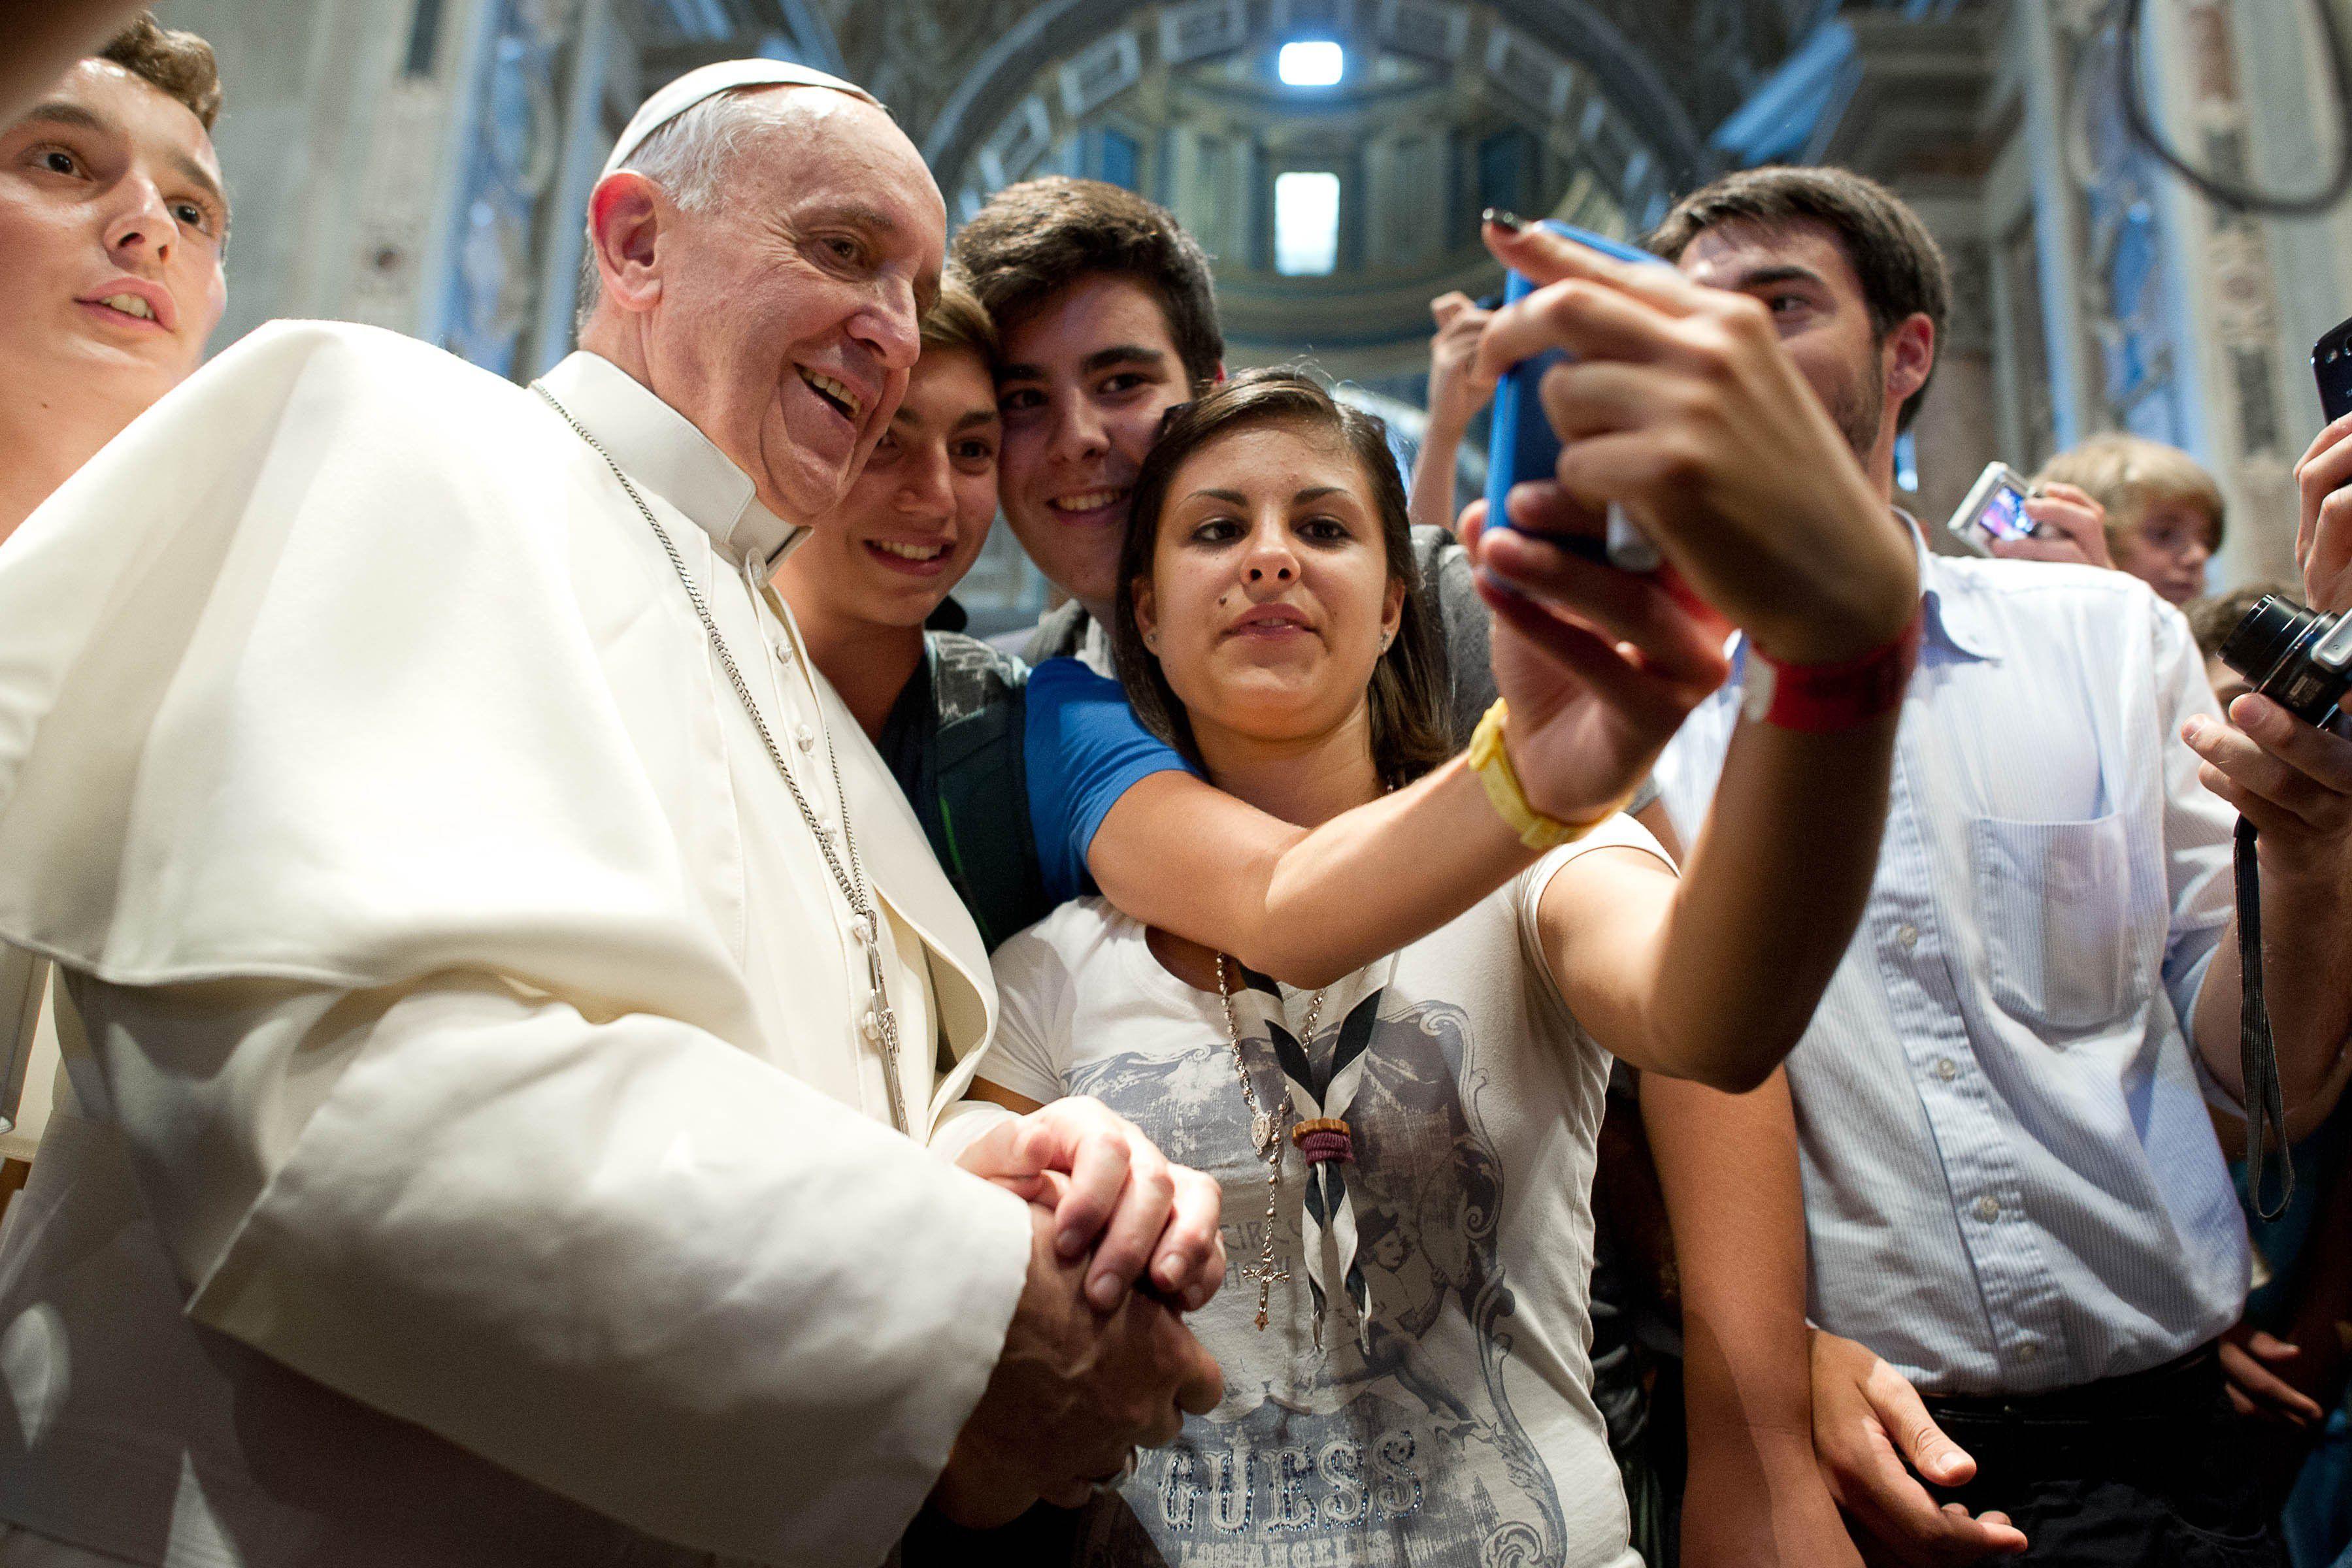 Papież Franciszek zarejestrował się na ŚDM w Krakowie!